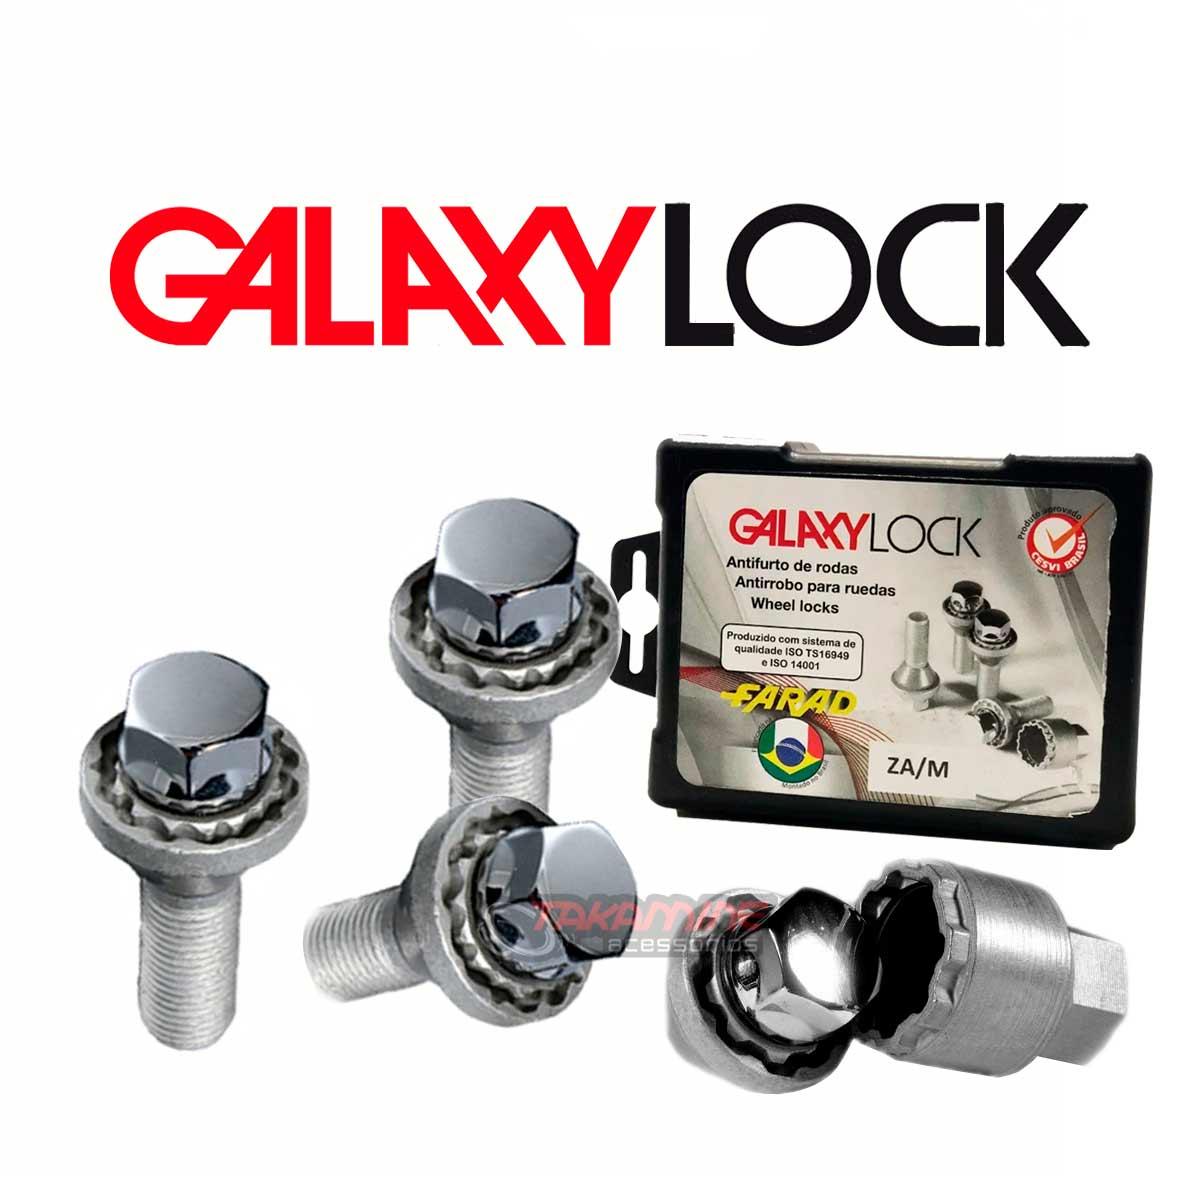 Parafuso antifurto para rodas Galaxy Lock Picasso 2001 até 2012 BE8/M